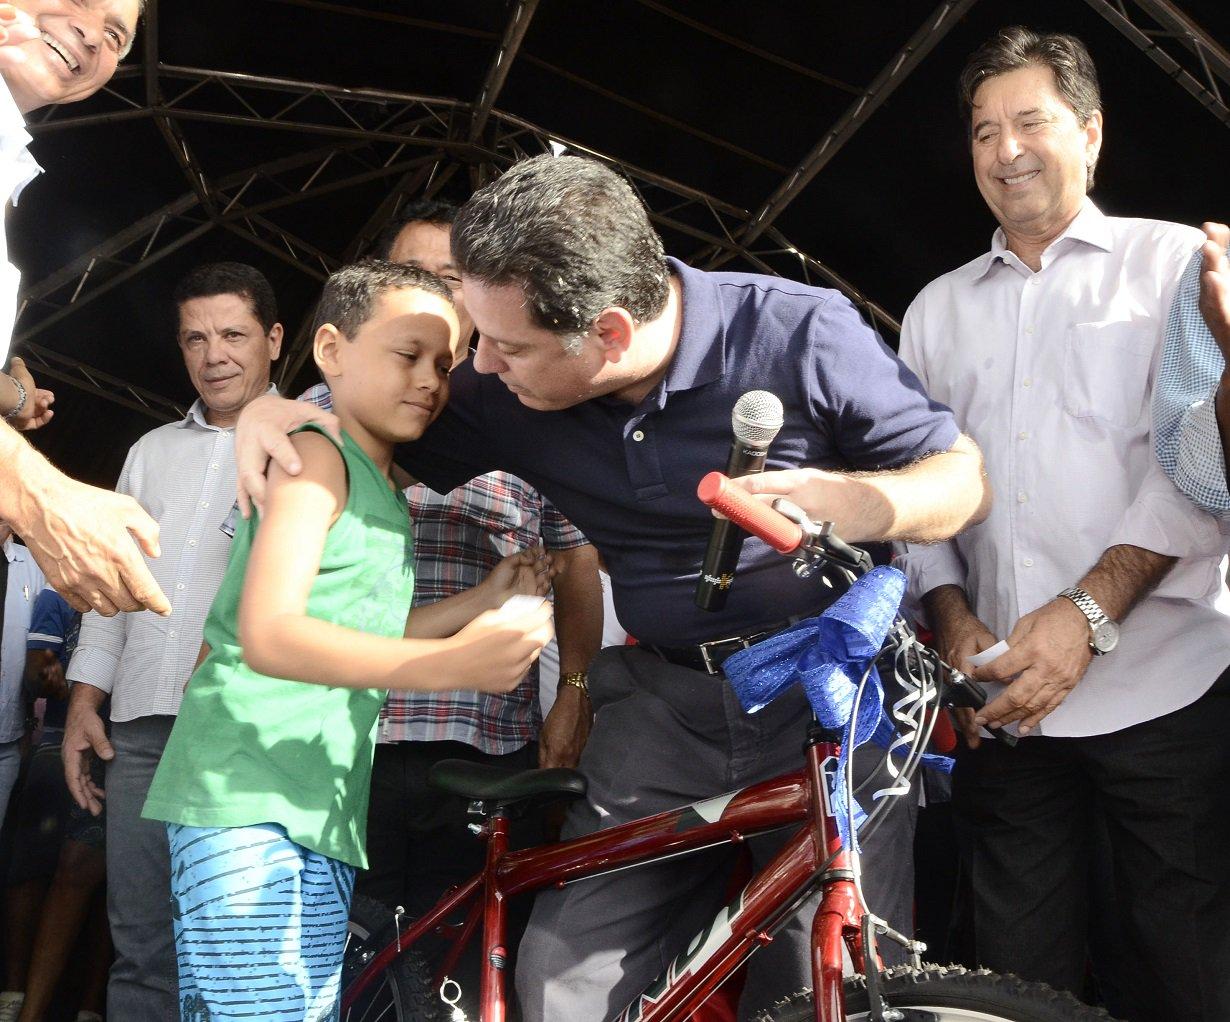 Governador / Entrega de presentes de Natal em Aparecidade de Goiânia.  Na foto governador Marconi Perillo. Fotos Rodrigo Cabral